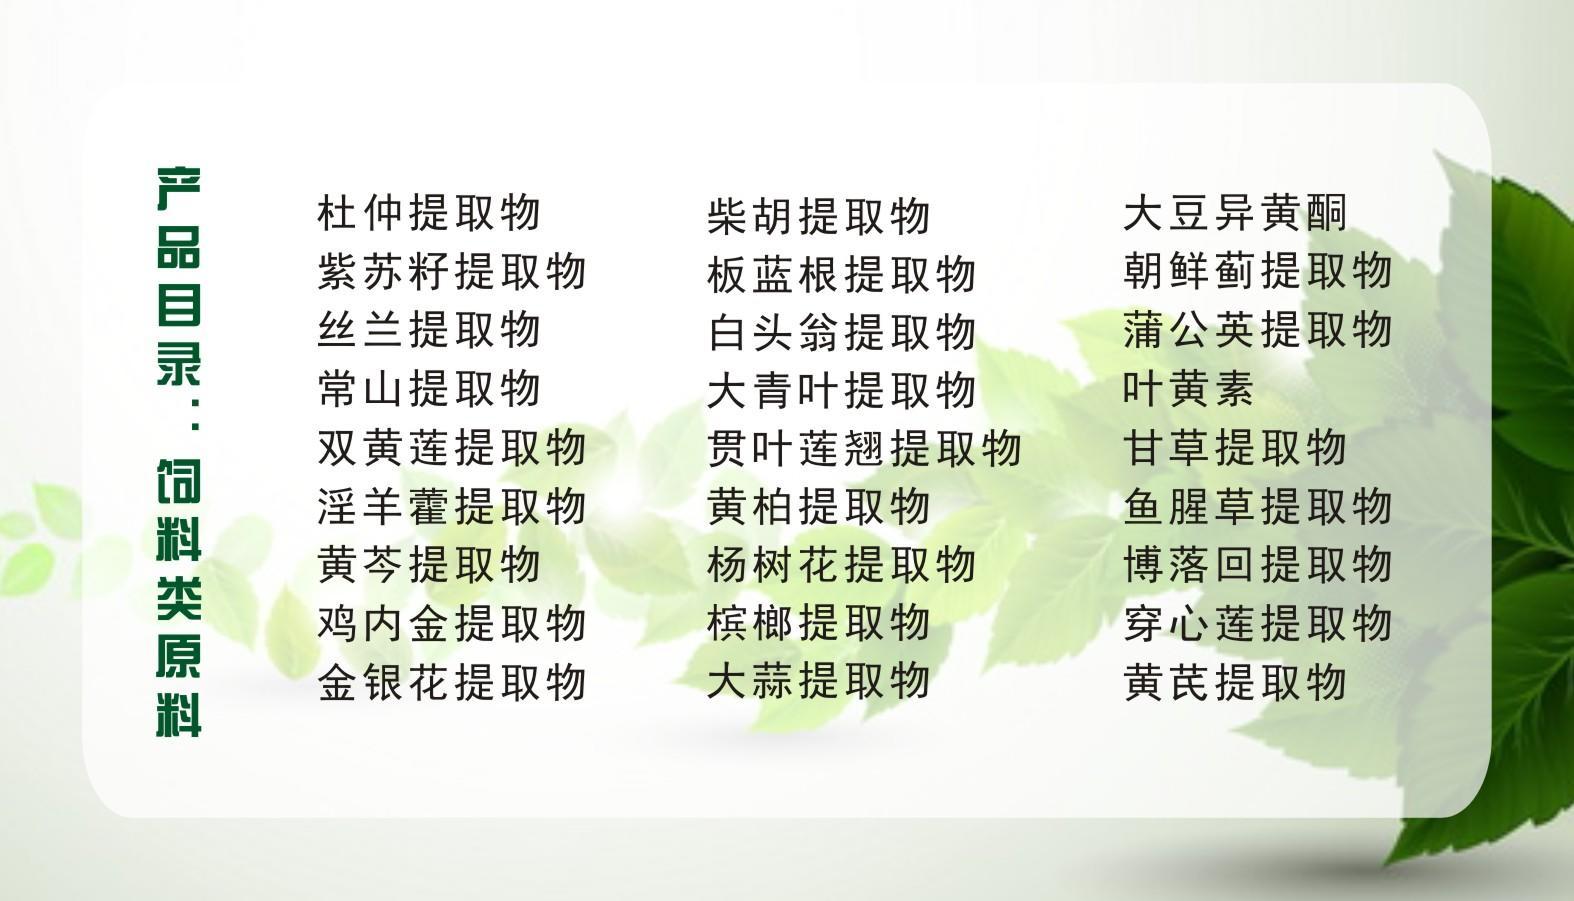 東革阿里提取物/提取物/植物提取物示例圖6